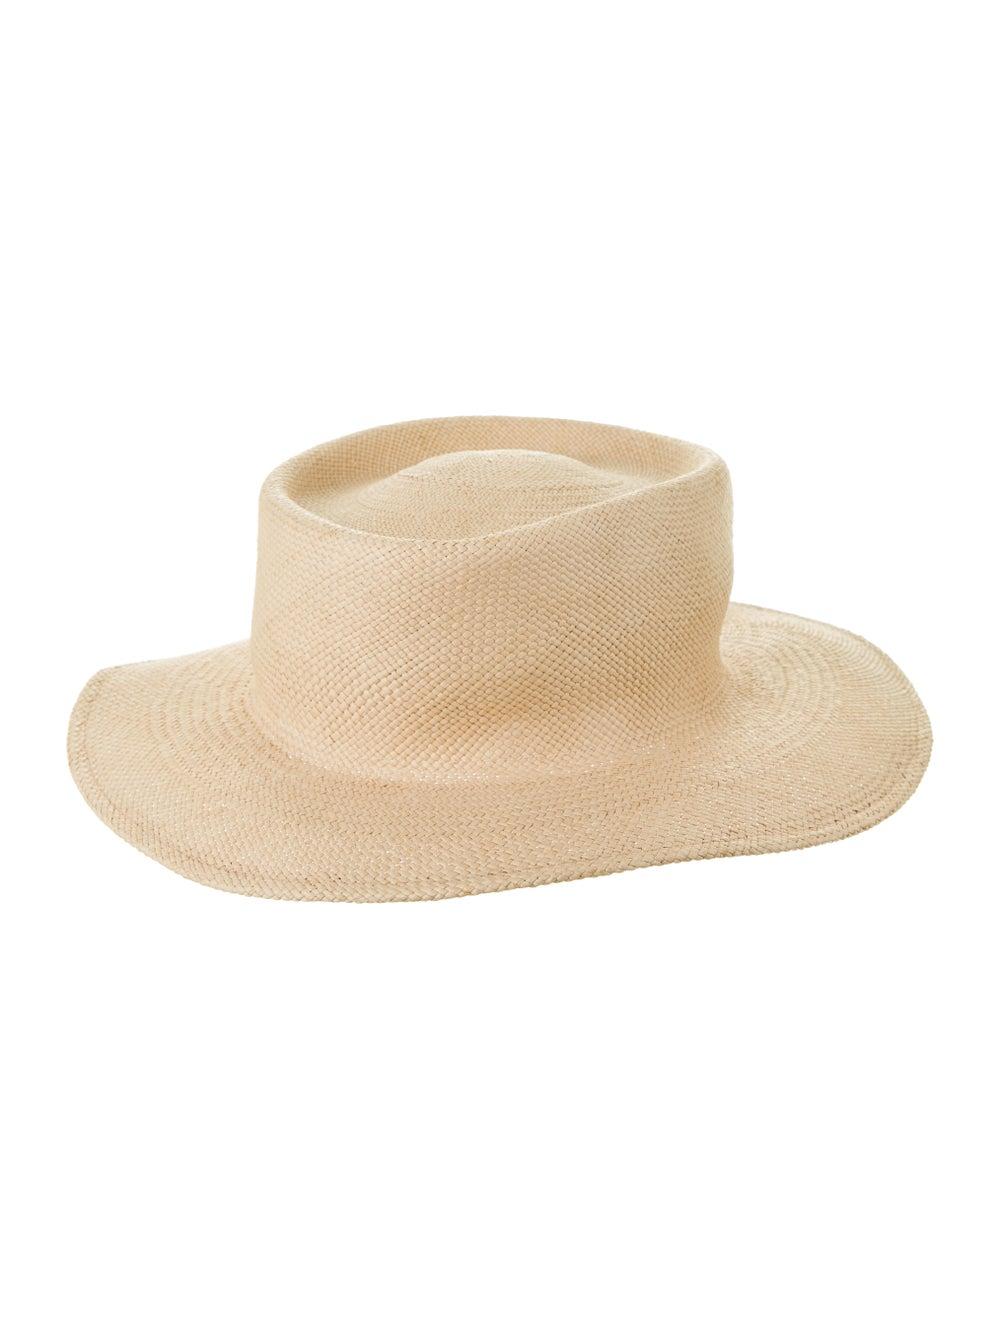 Clyde Straw Wide Brim Hat - image 2